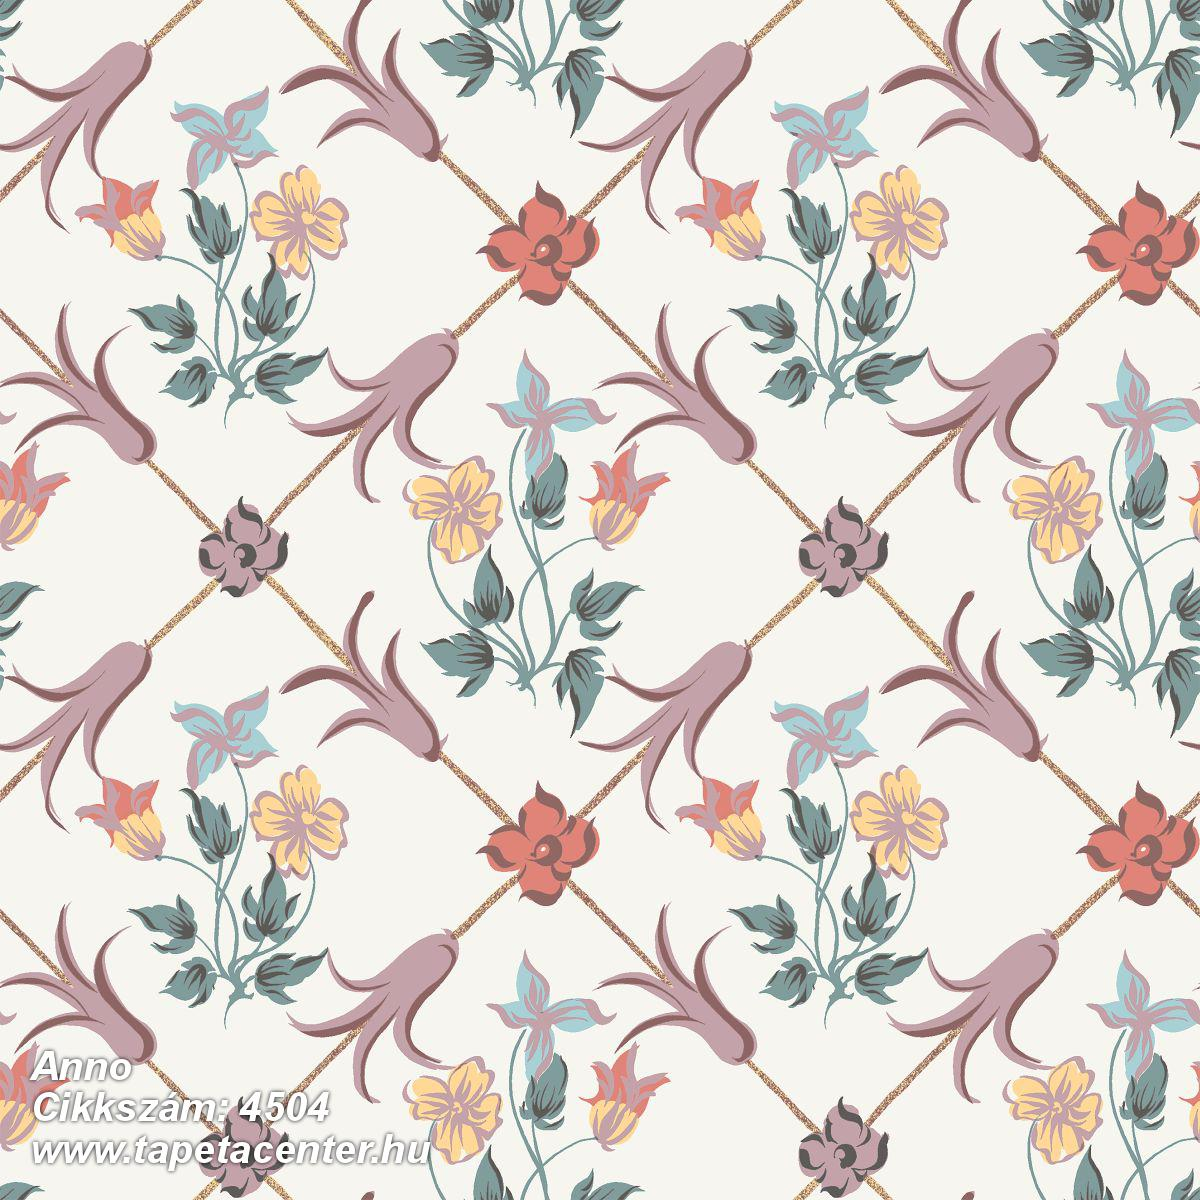 Különleges motívumos,rajzolt,virágmintás,barokk-klasszikus,fehér,narancs-terrakotta,pink-rózsaszín,sárga,lemosható,vlies tapéta